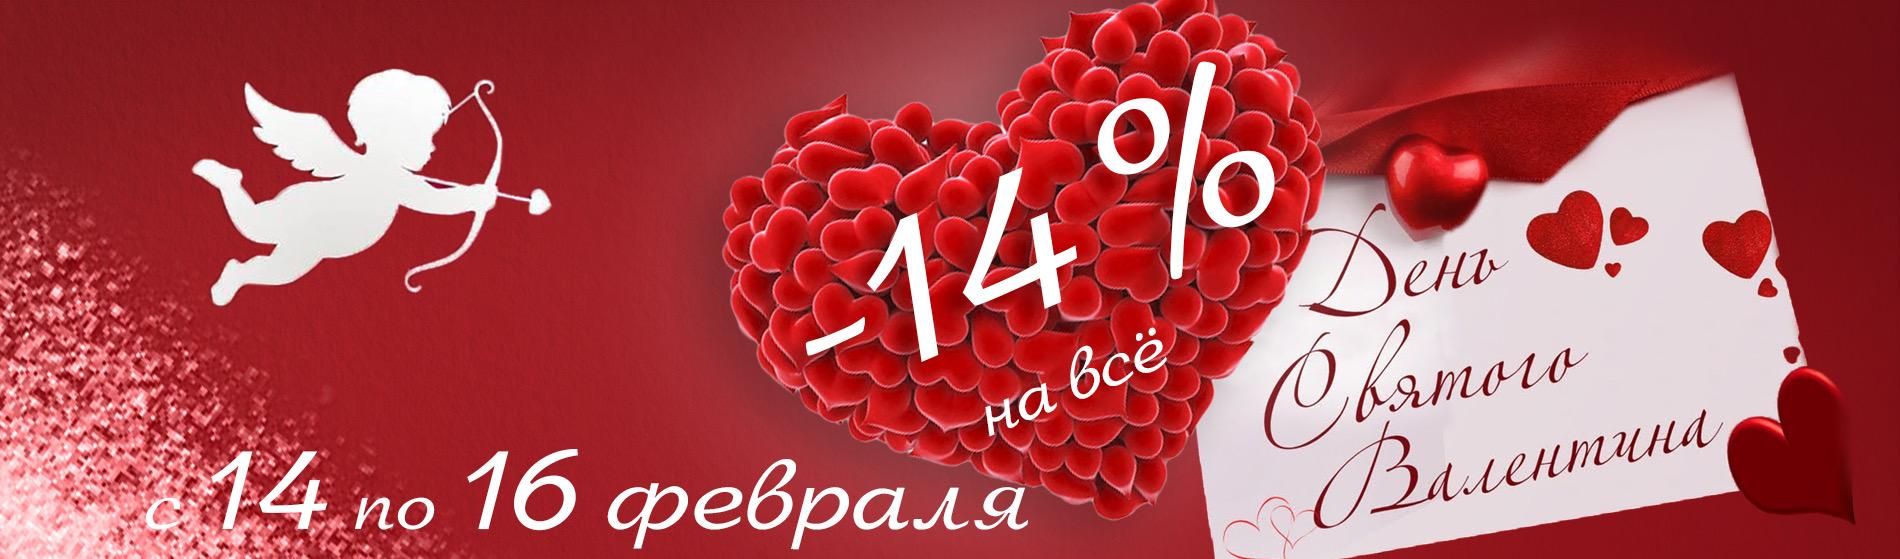 Скидка 14% в честь дня святого Валентина с 14 по 16 февраля 2020 в магазинах-салонах кожи и меха ЭЛИТА